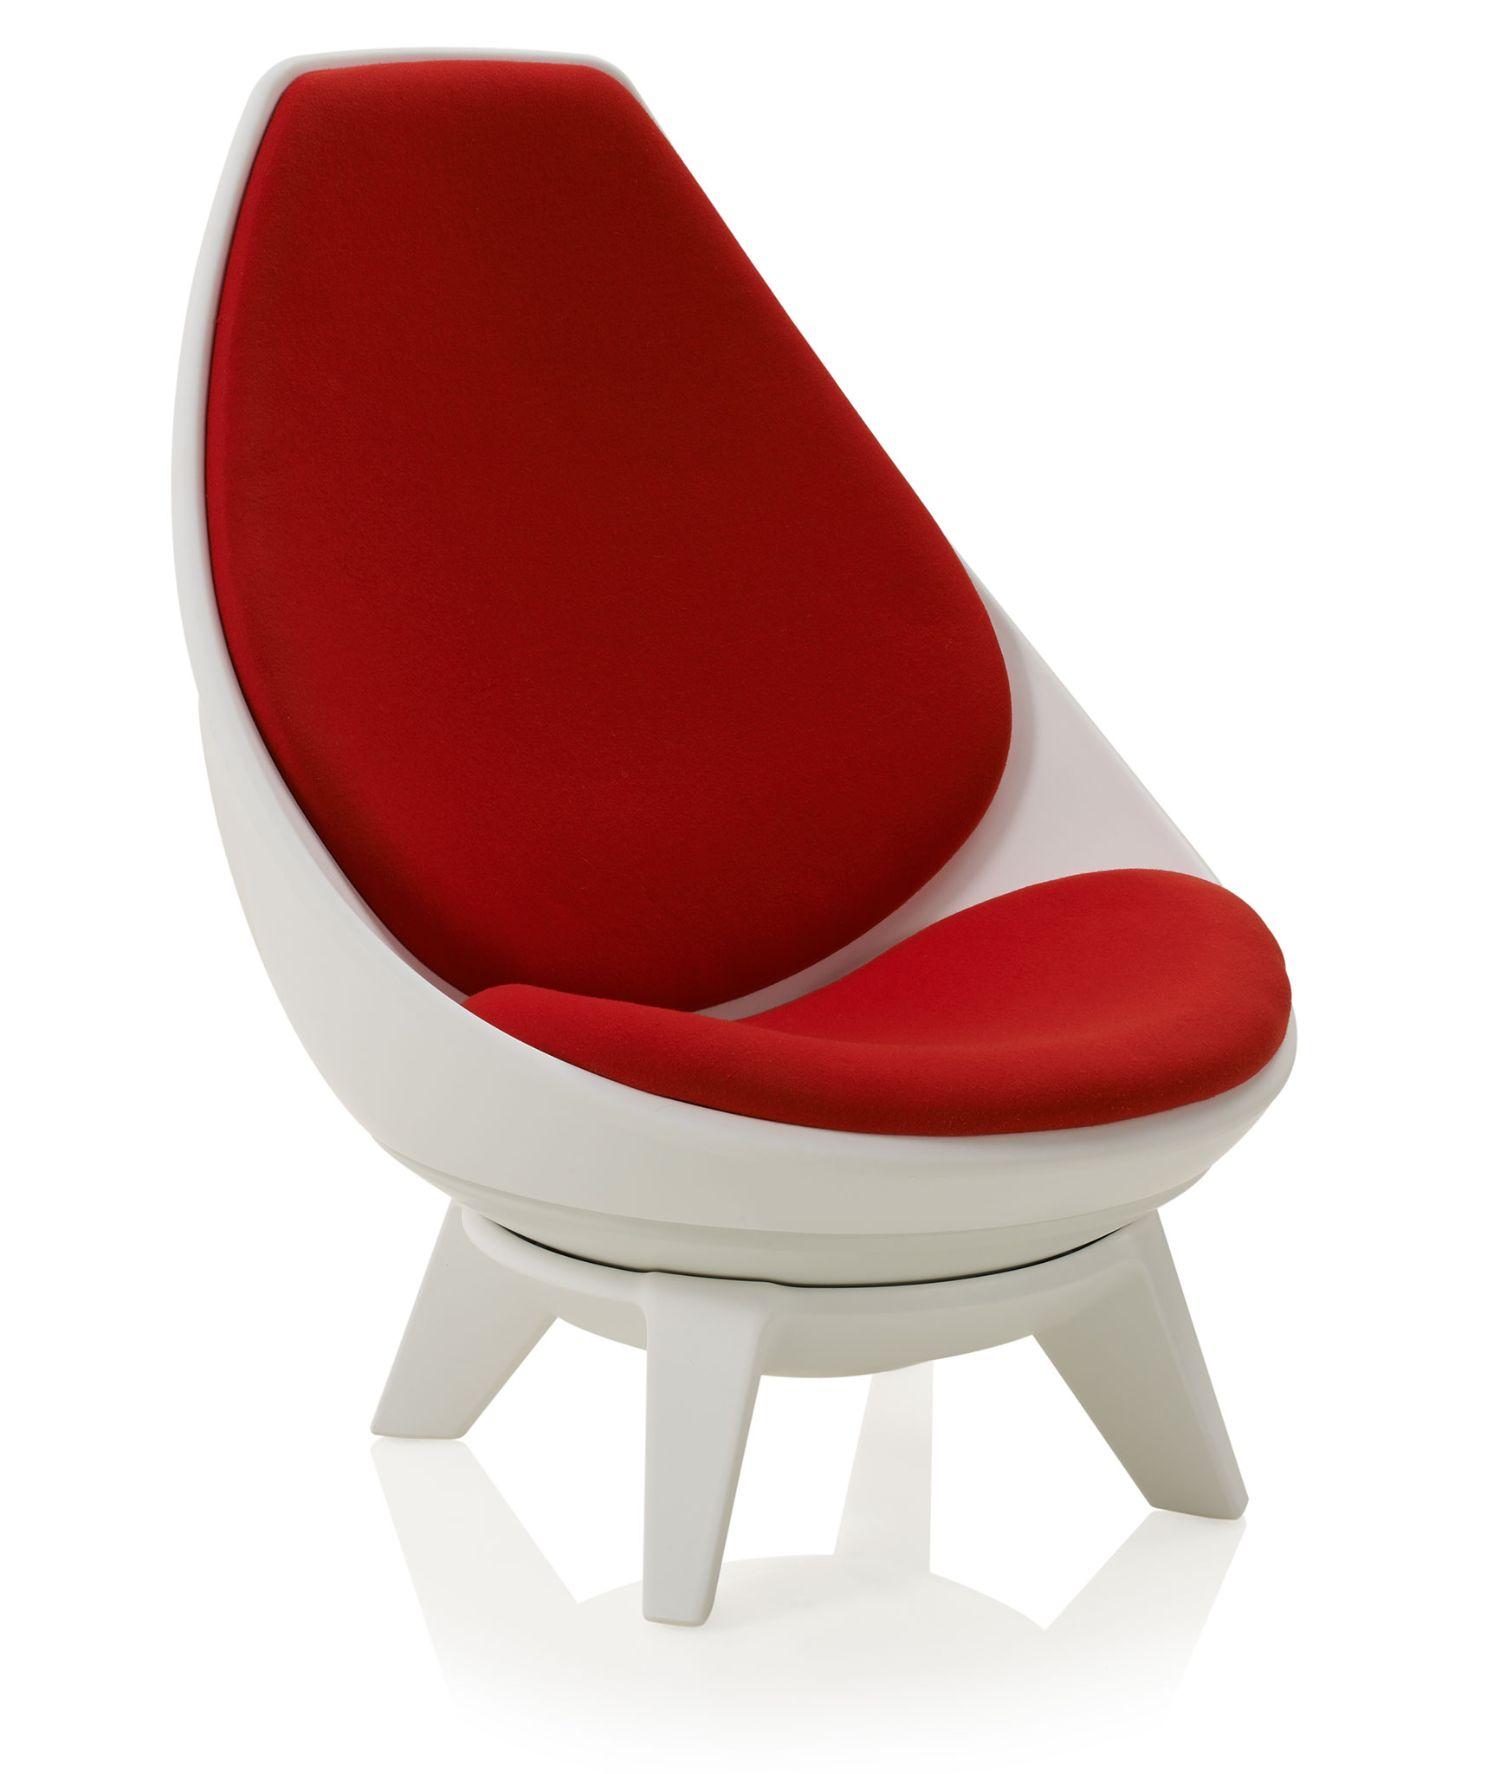 ki sway chair angled profile